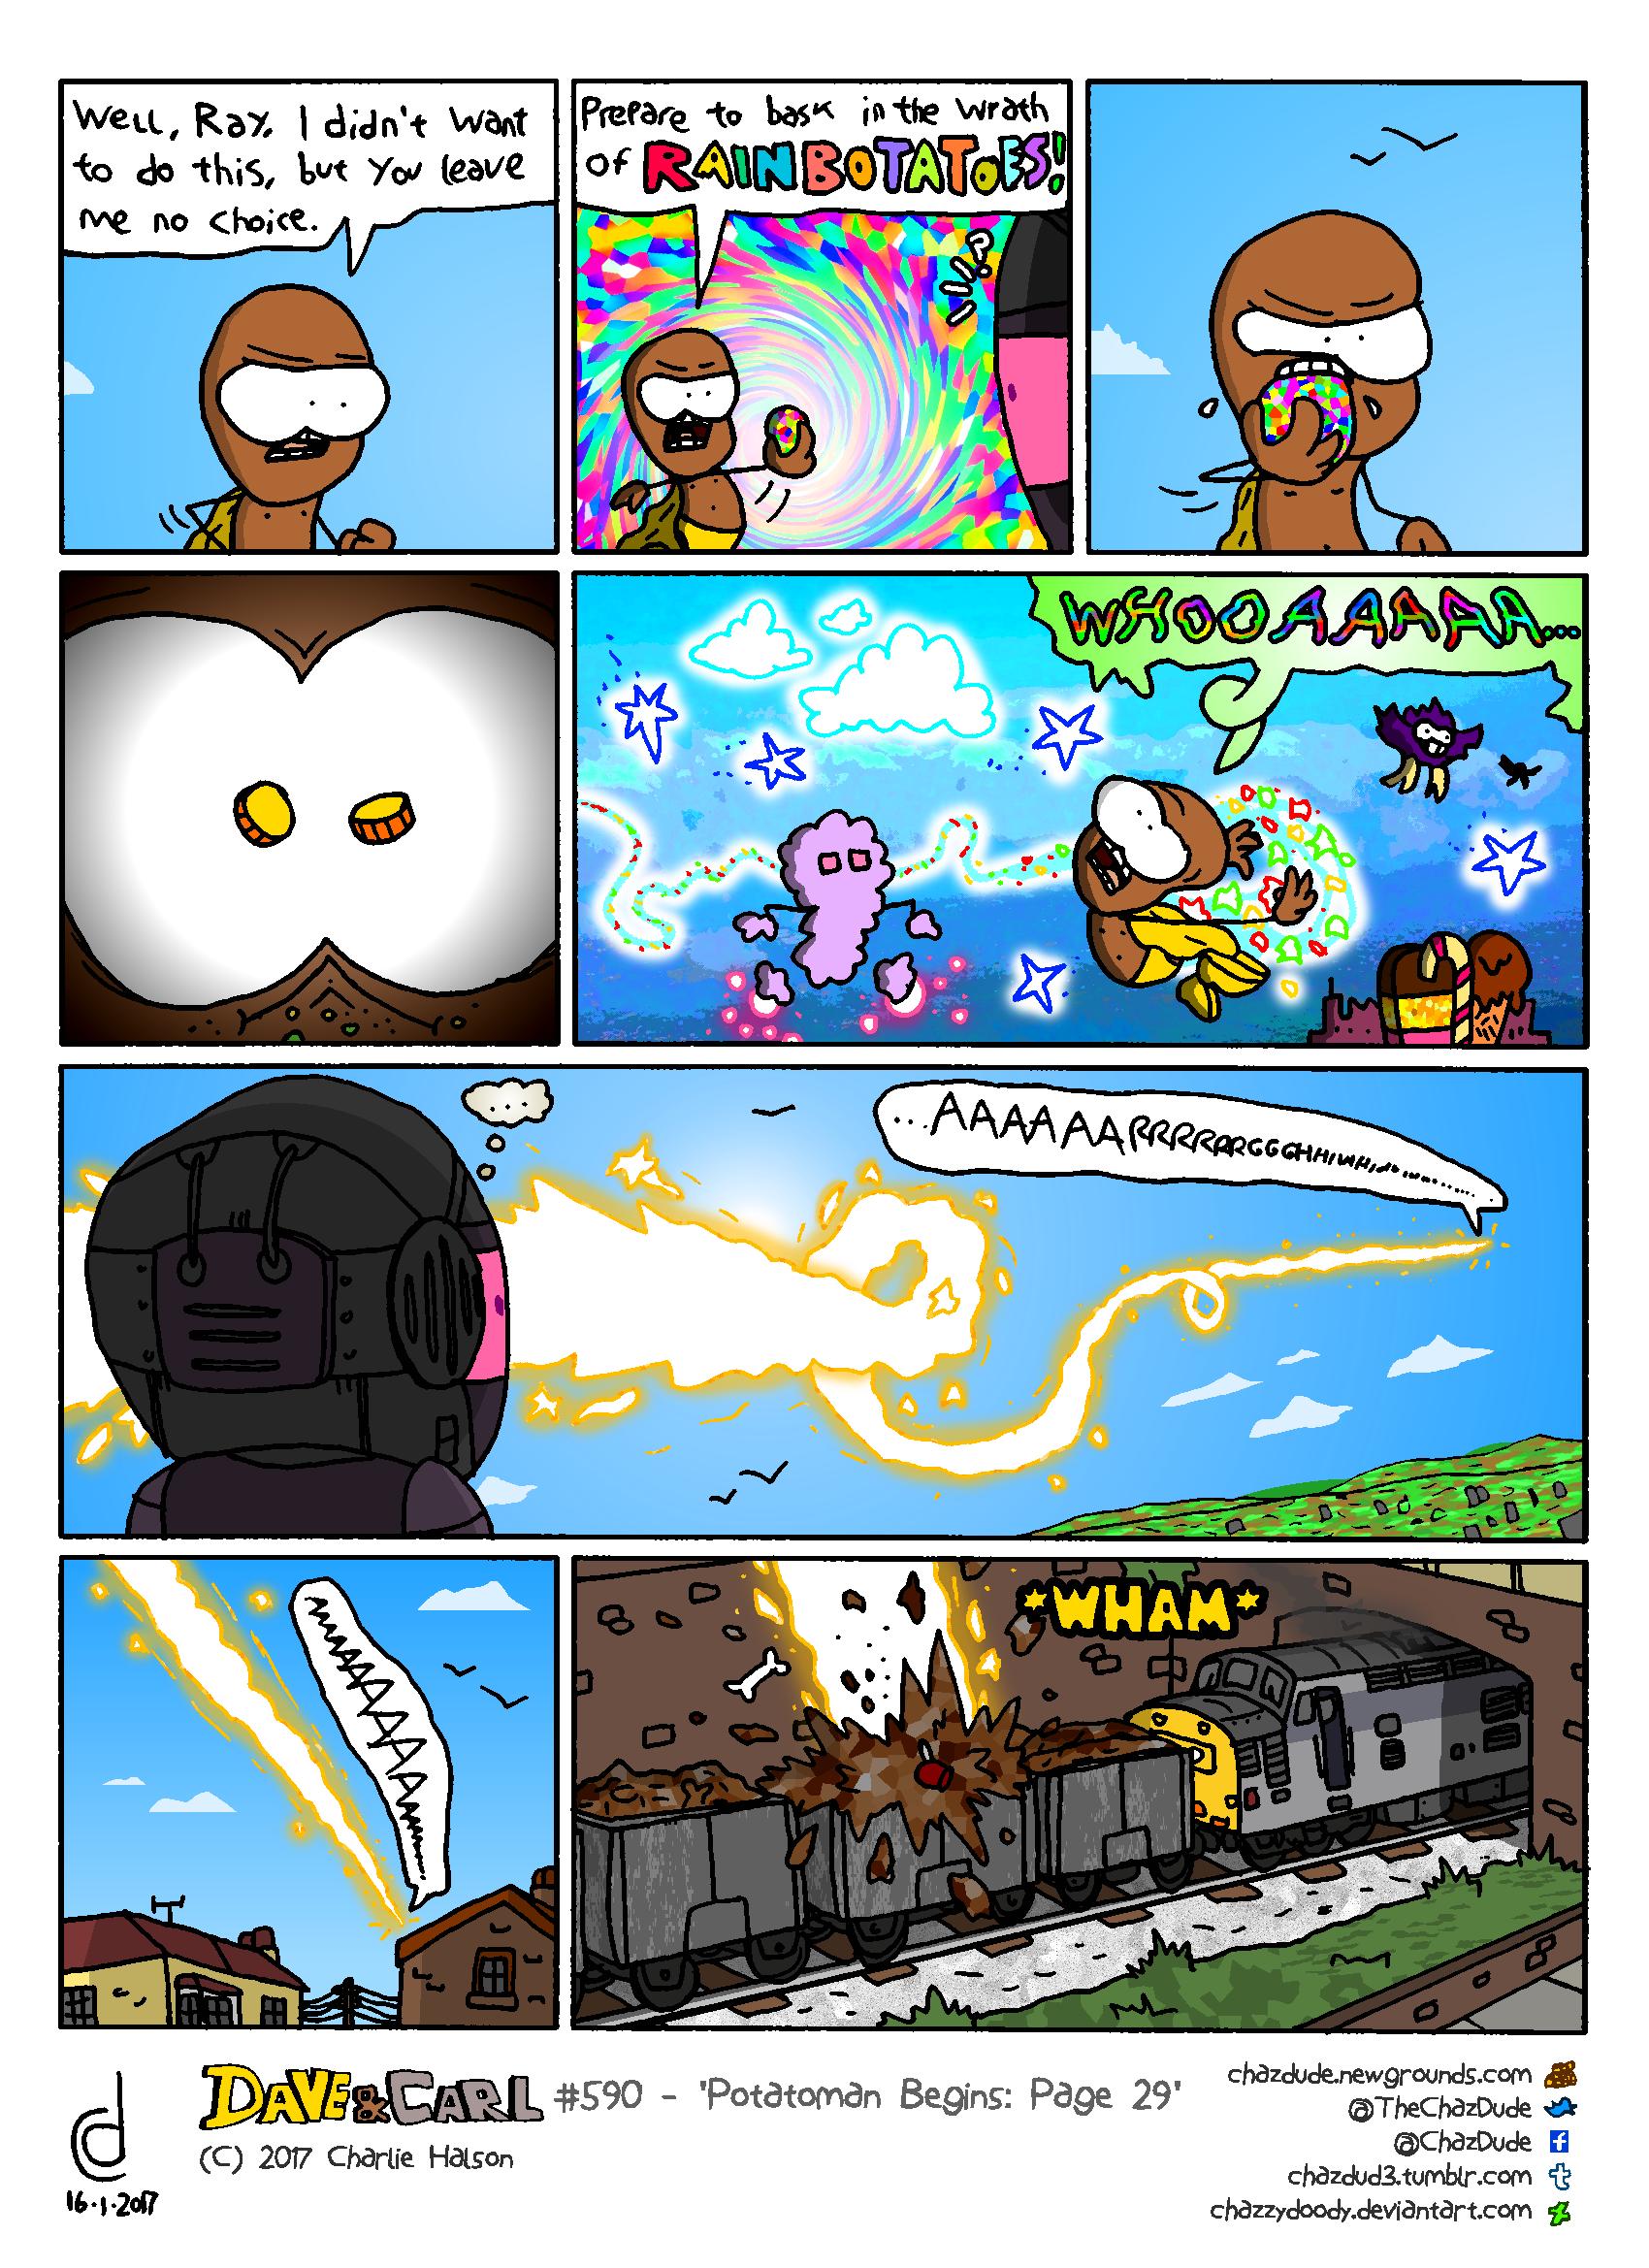 Potatoman Begins: Page 29